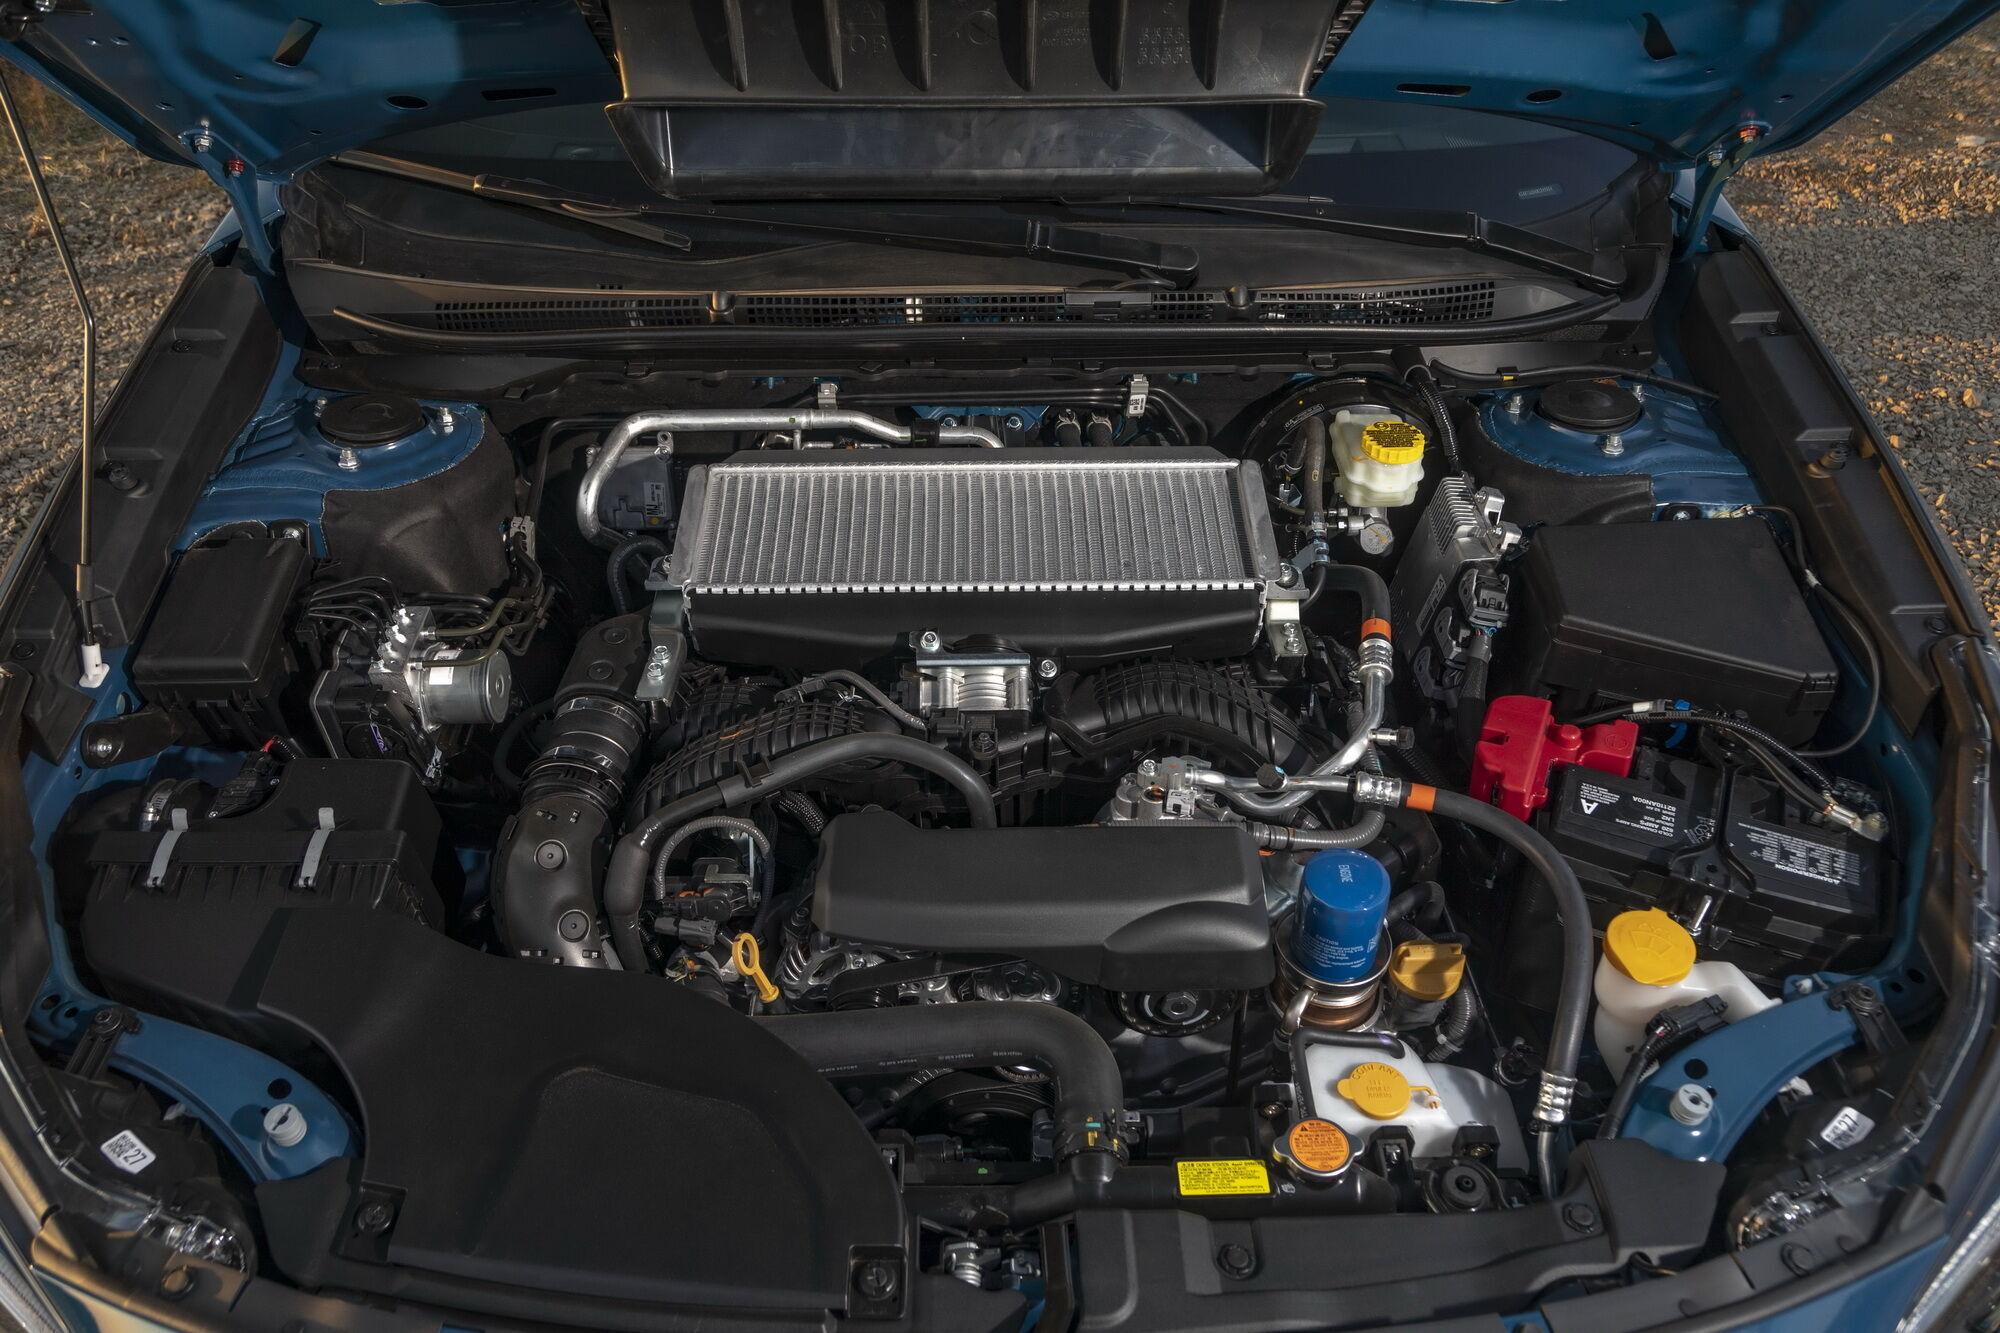 Під капотом Outback Wilderness розташовується 2,4-літровий турбомотором потужністю 263 к.с.